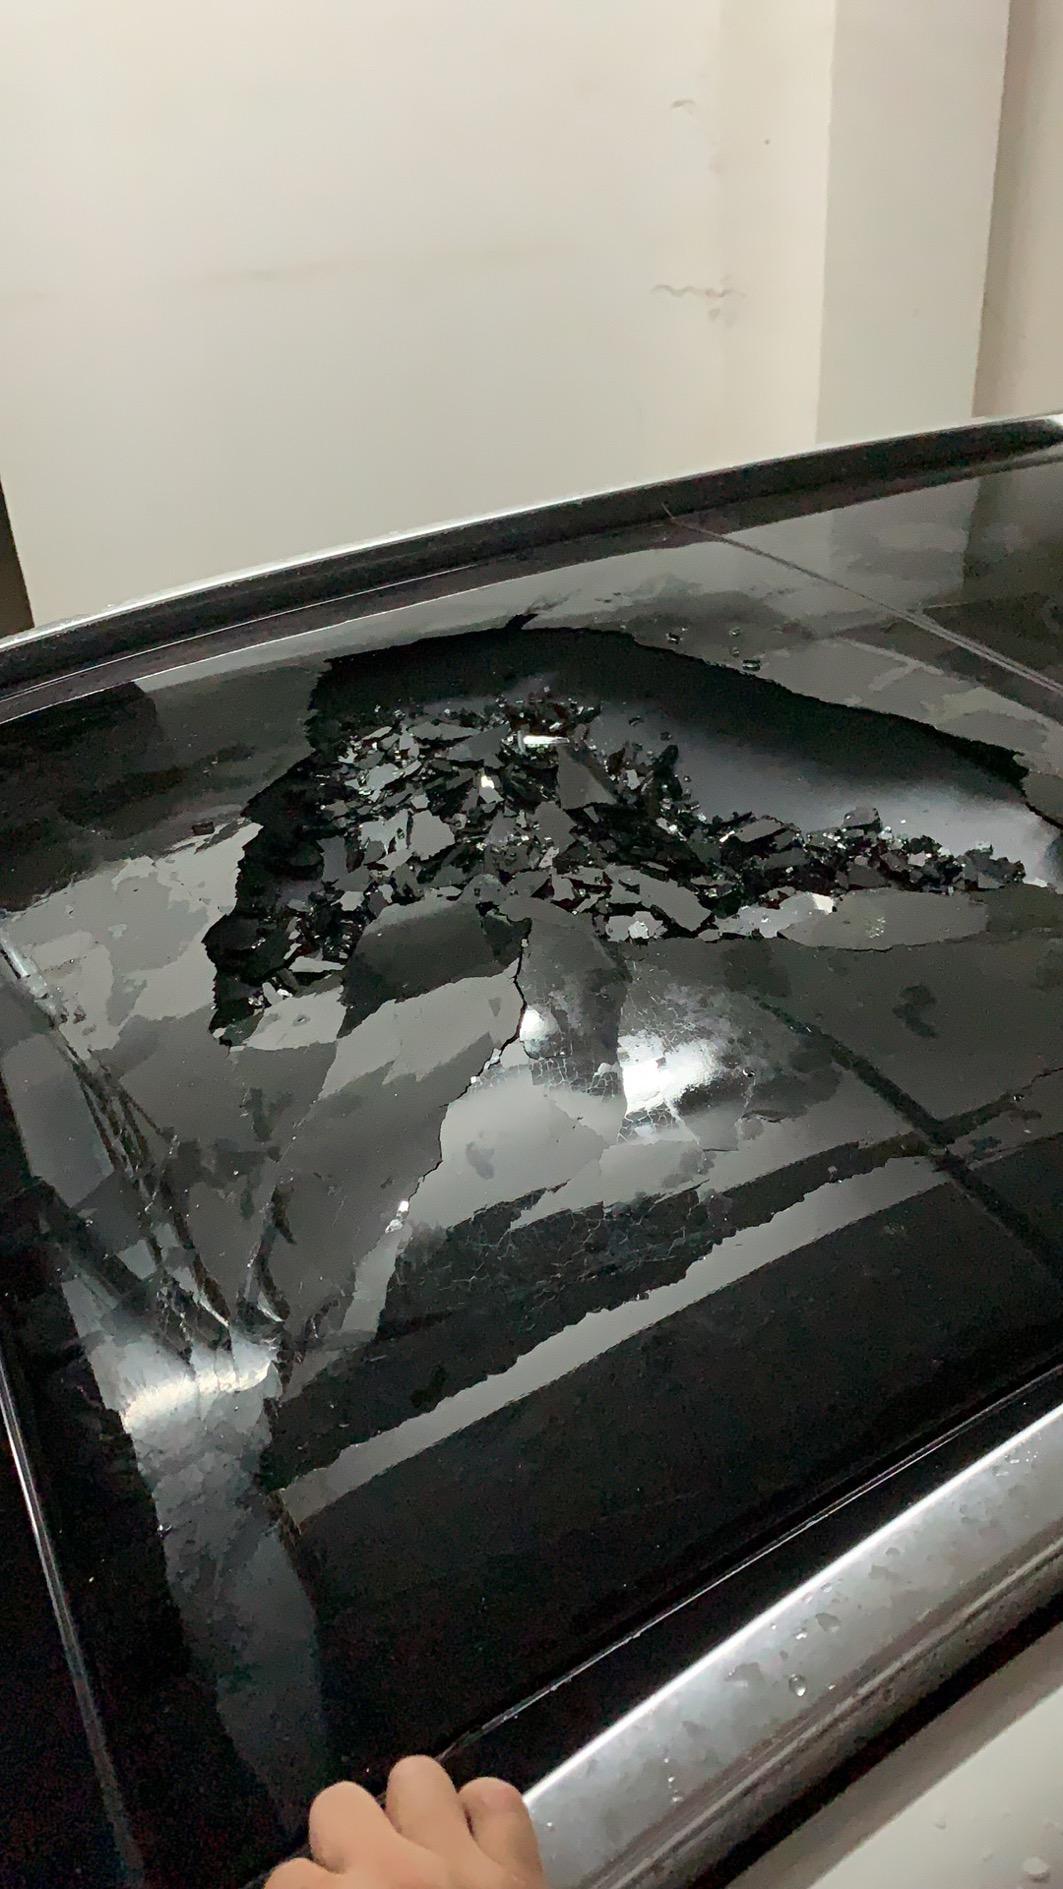 奔驰-奔驰GLC 天窗玻璃质量出现问题